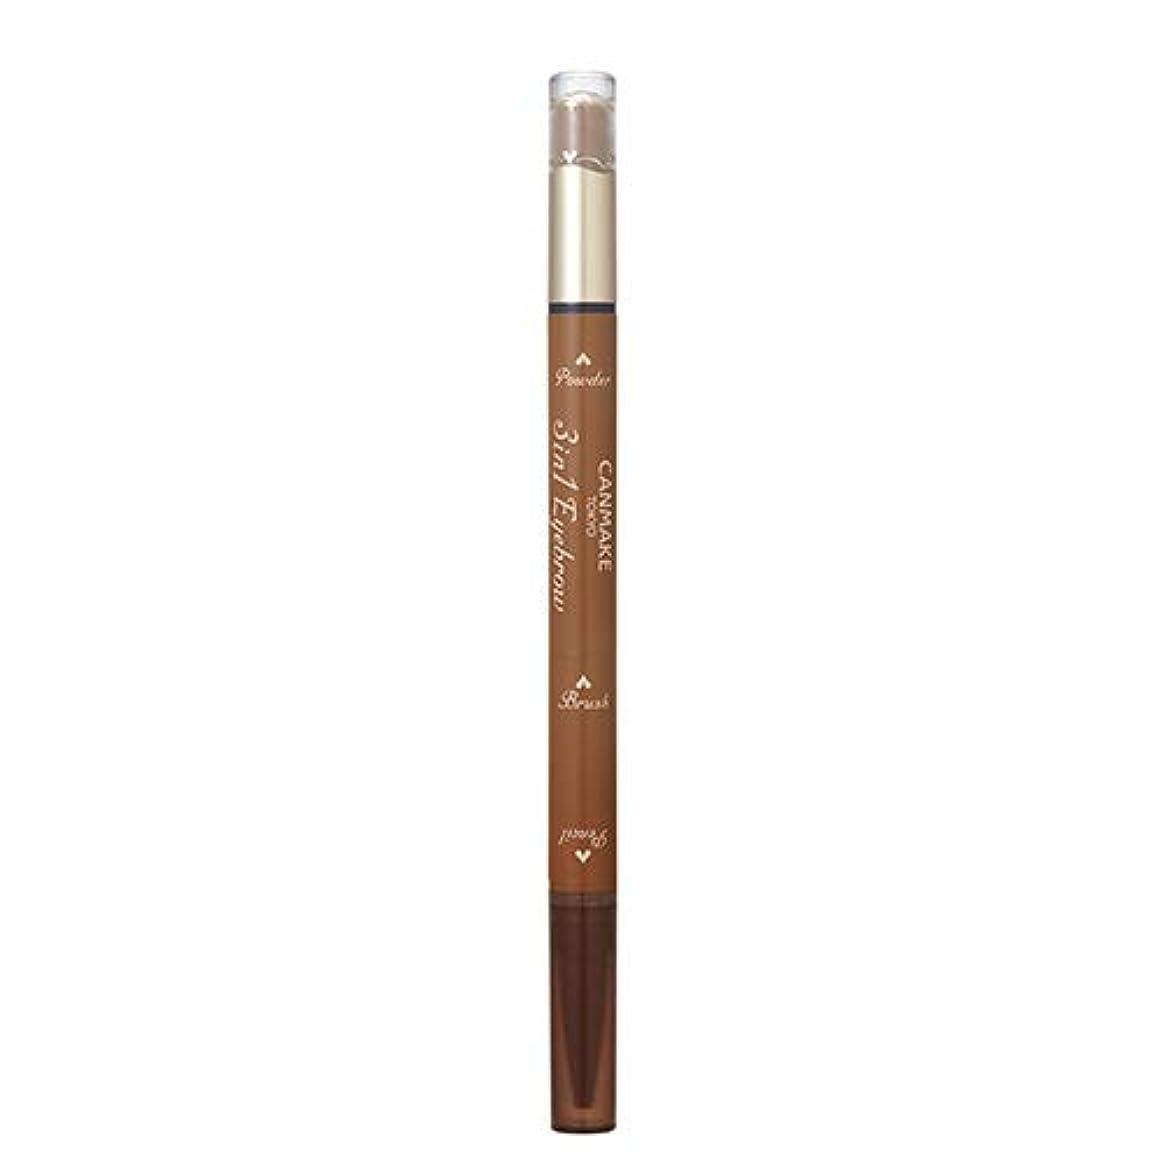 調和水分増幅キャンメイク 3in1アイブロウ01 ナチュラルブラウン 0.57g 01ナチュラルブラウン